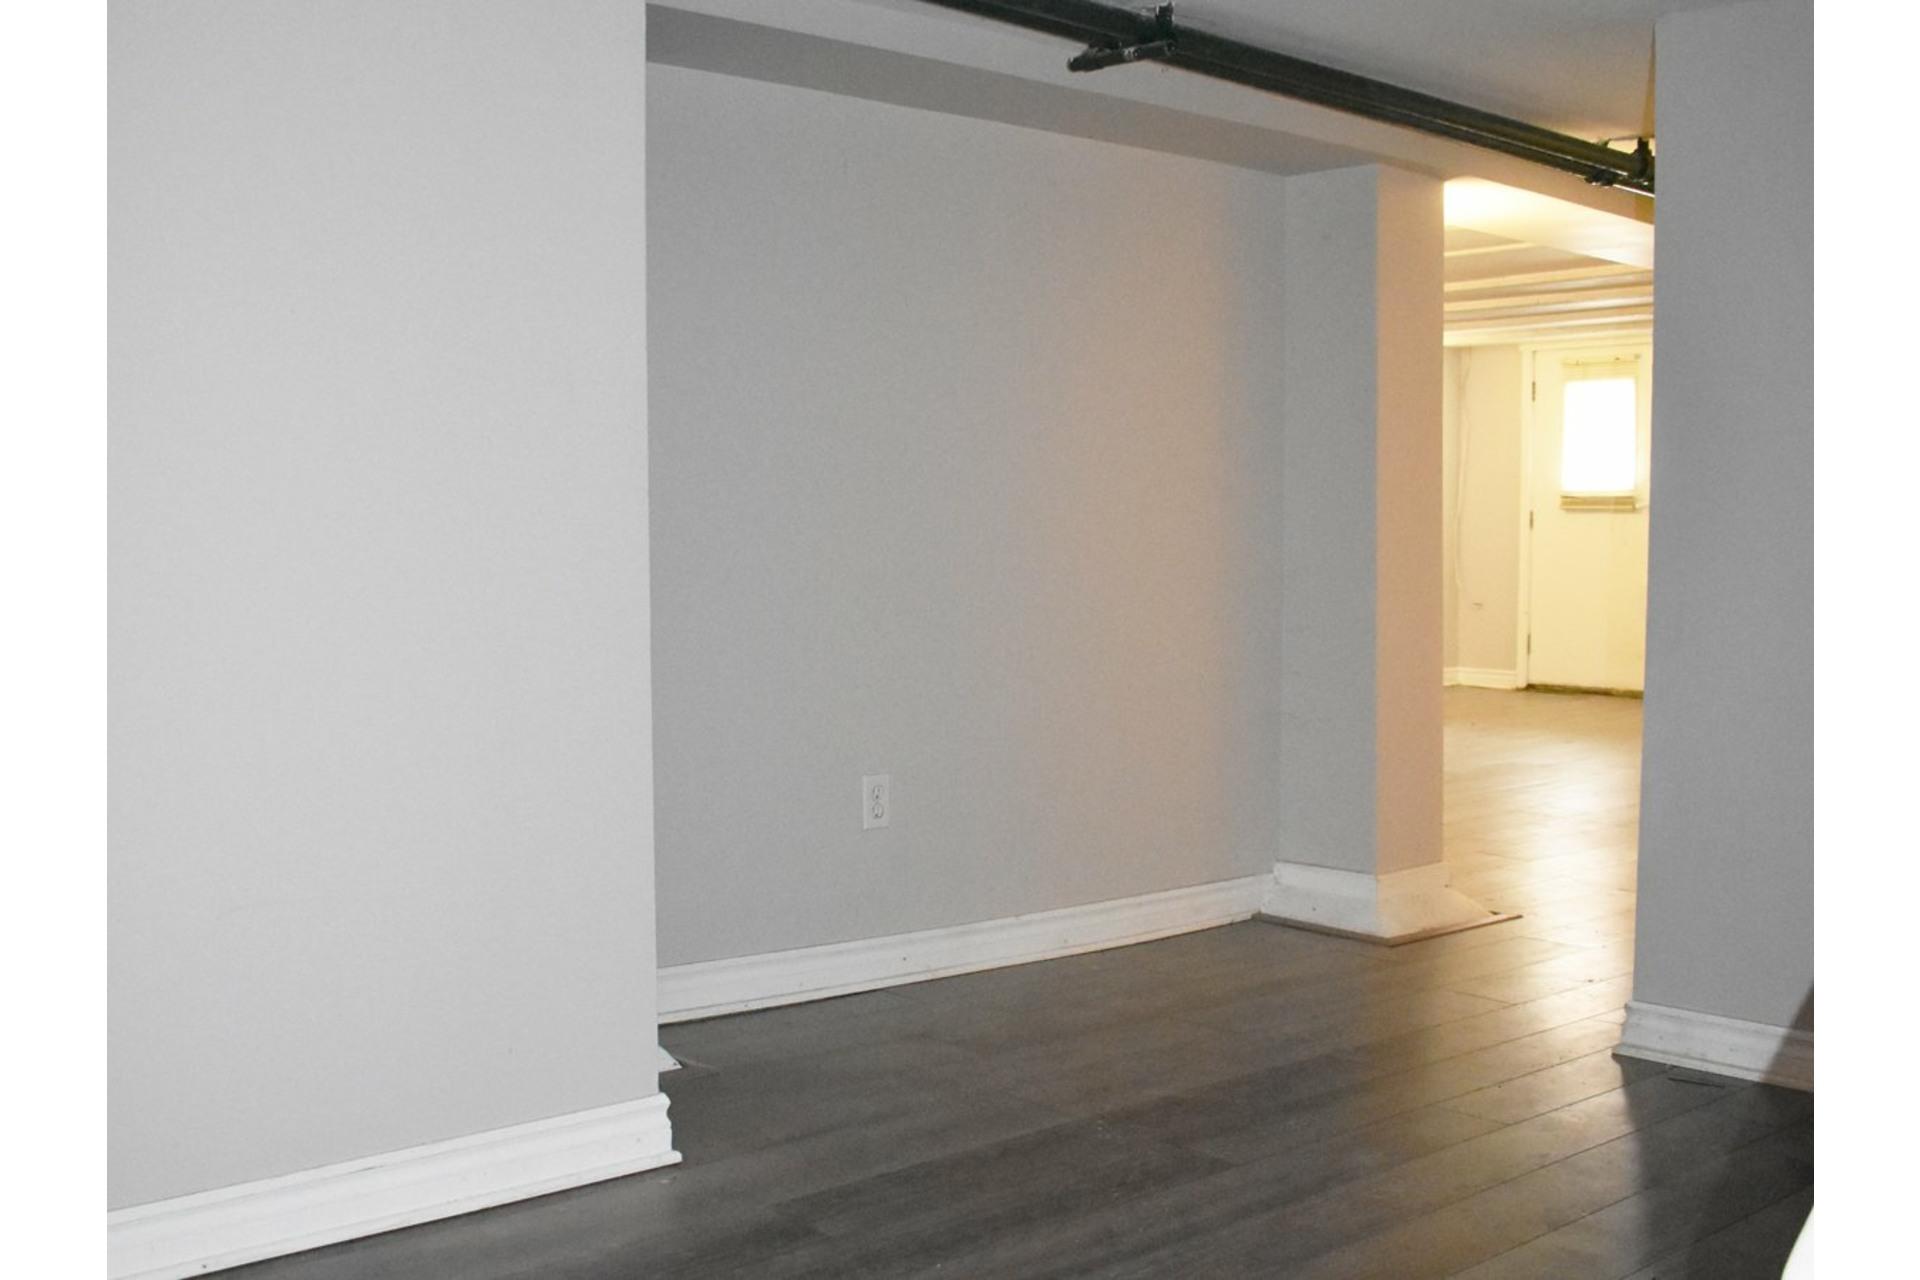 image 15 - Appartement À louer Côte-des-Neiges/Notre-Dame-de-Grâce Montréal  - 11 pièces